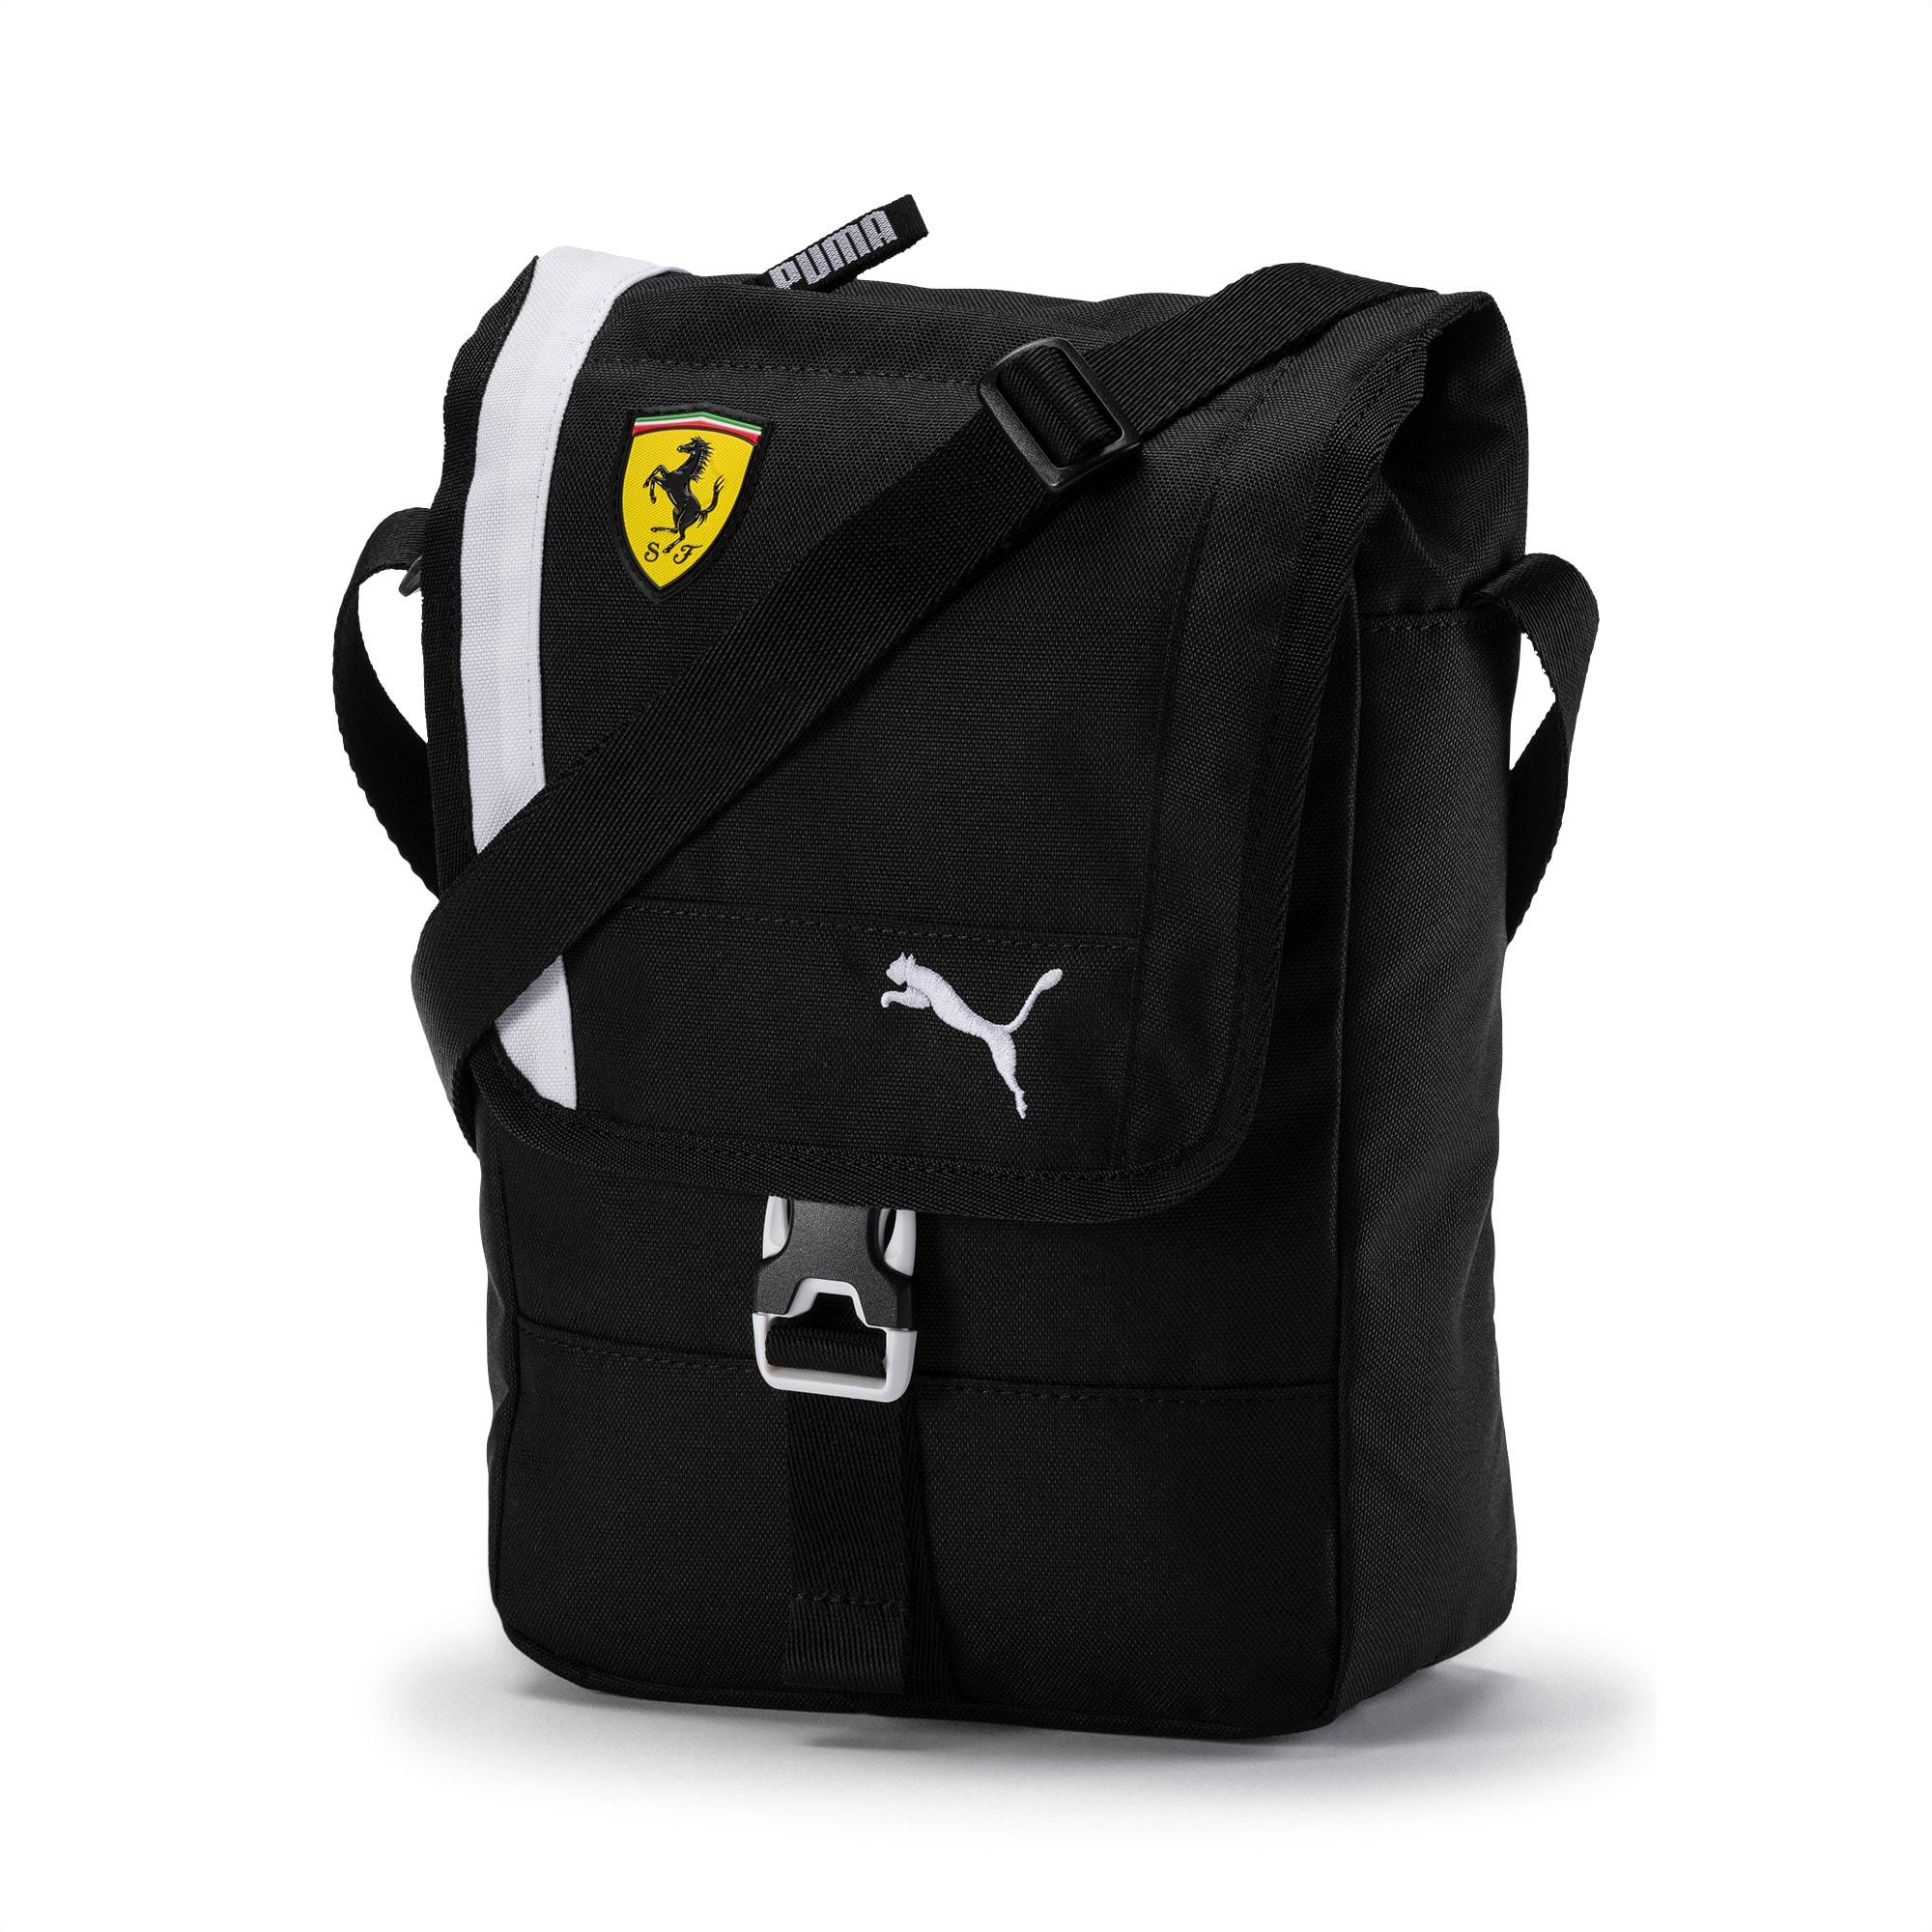 SF Fanwear Portable, Puma Black, large-SEA